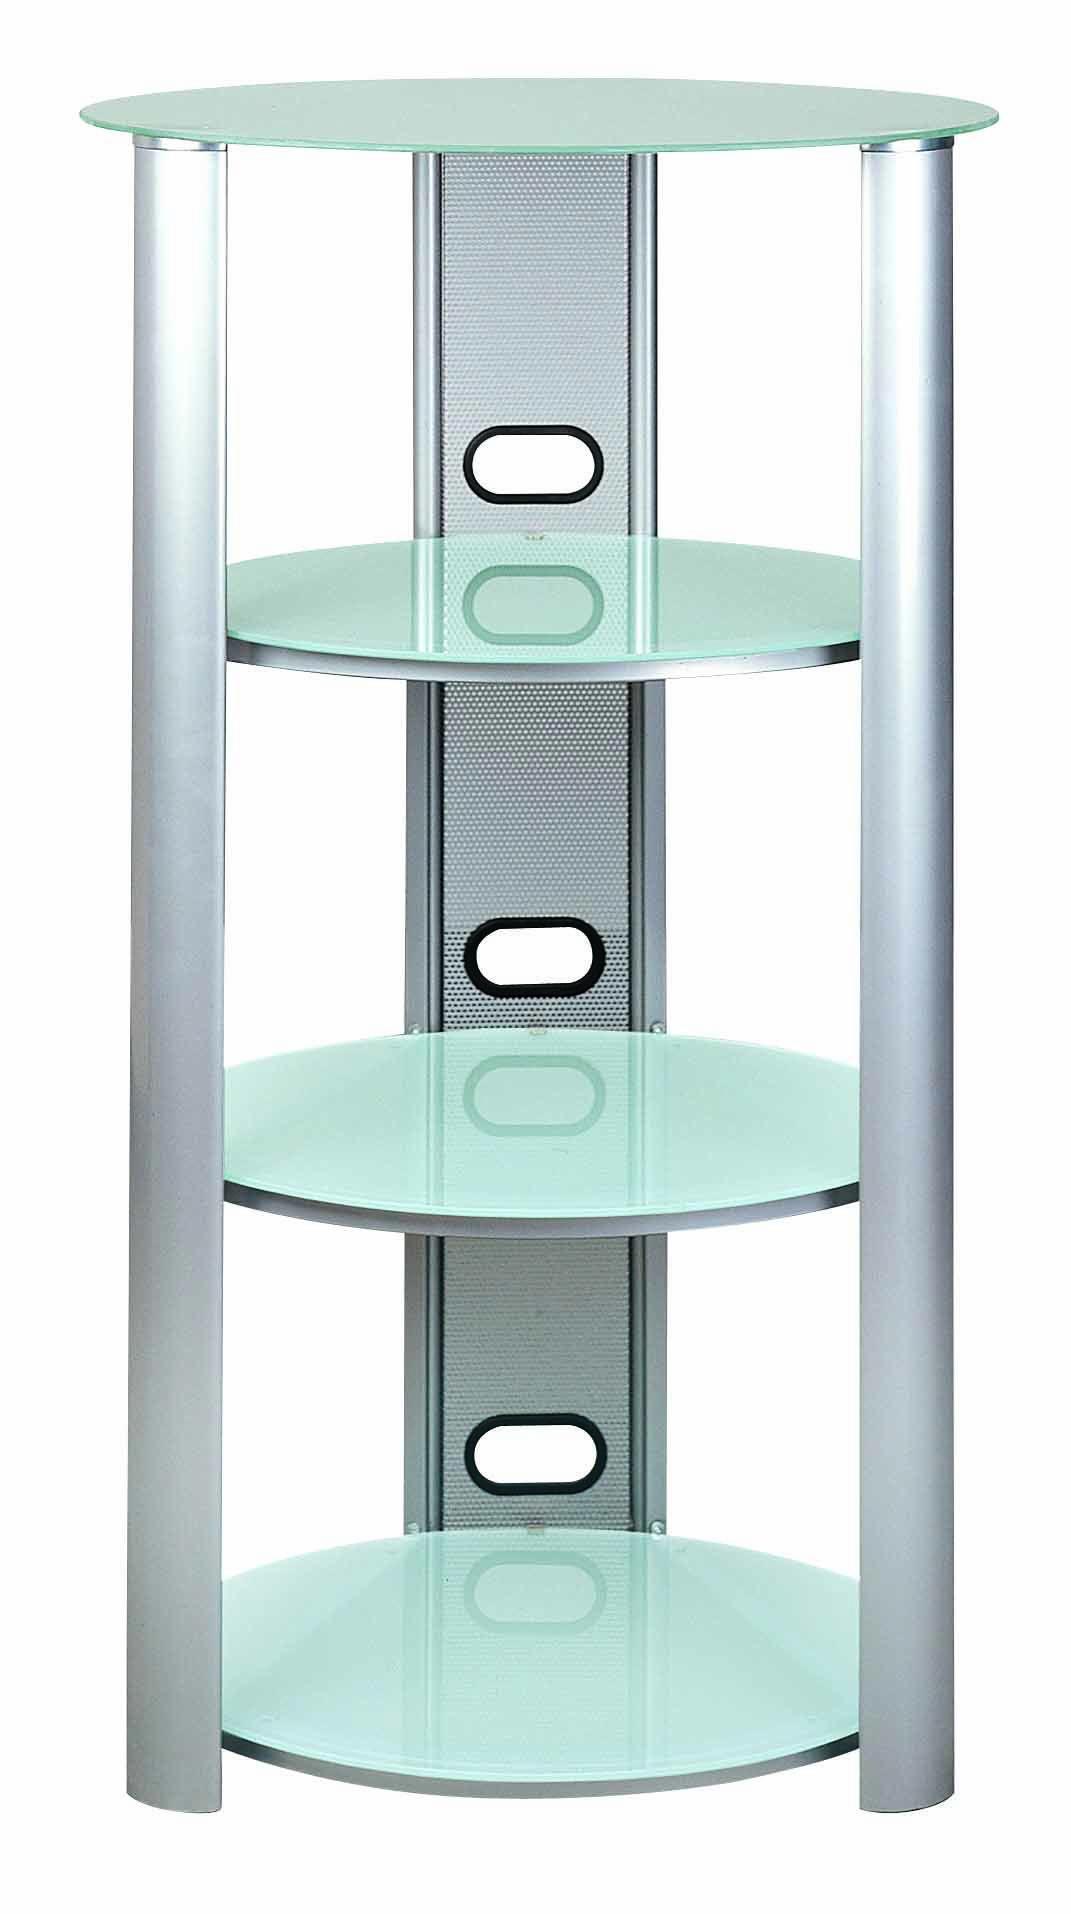 s hold 8 three shelves audio racks tempered frosted glass eye three shelves audio racks tempered frosted glass eye shaped tube